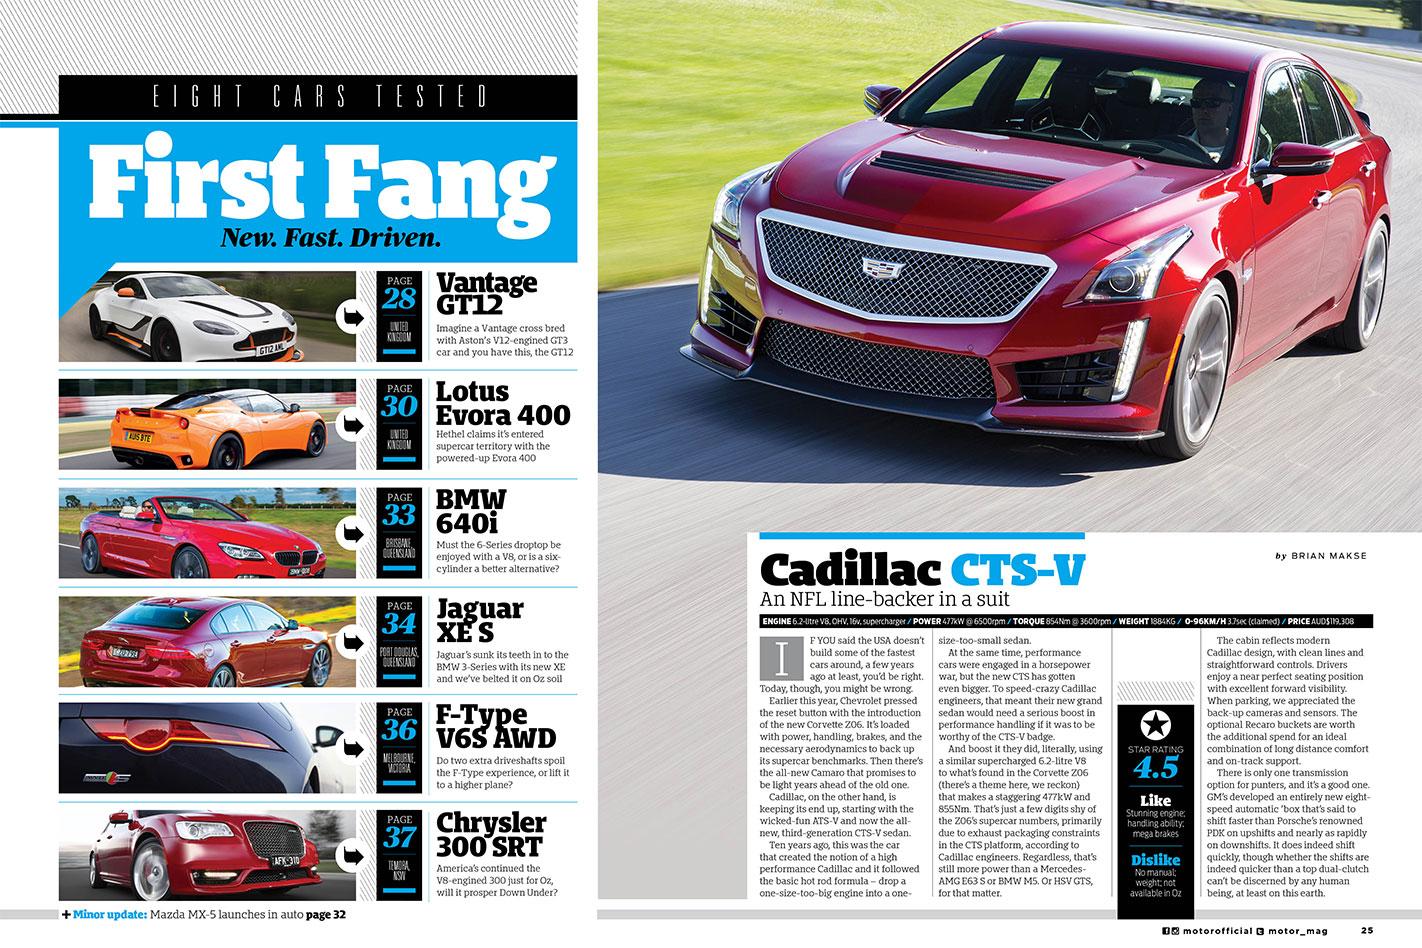 Cadillac -CTS-V